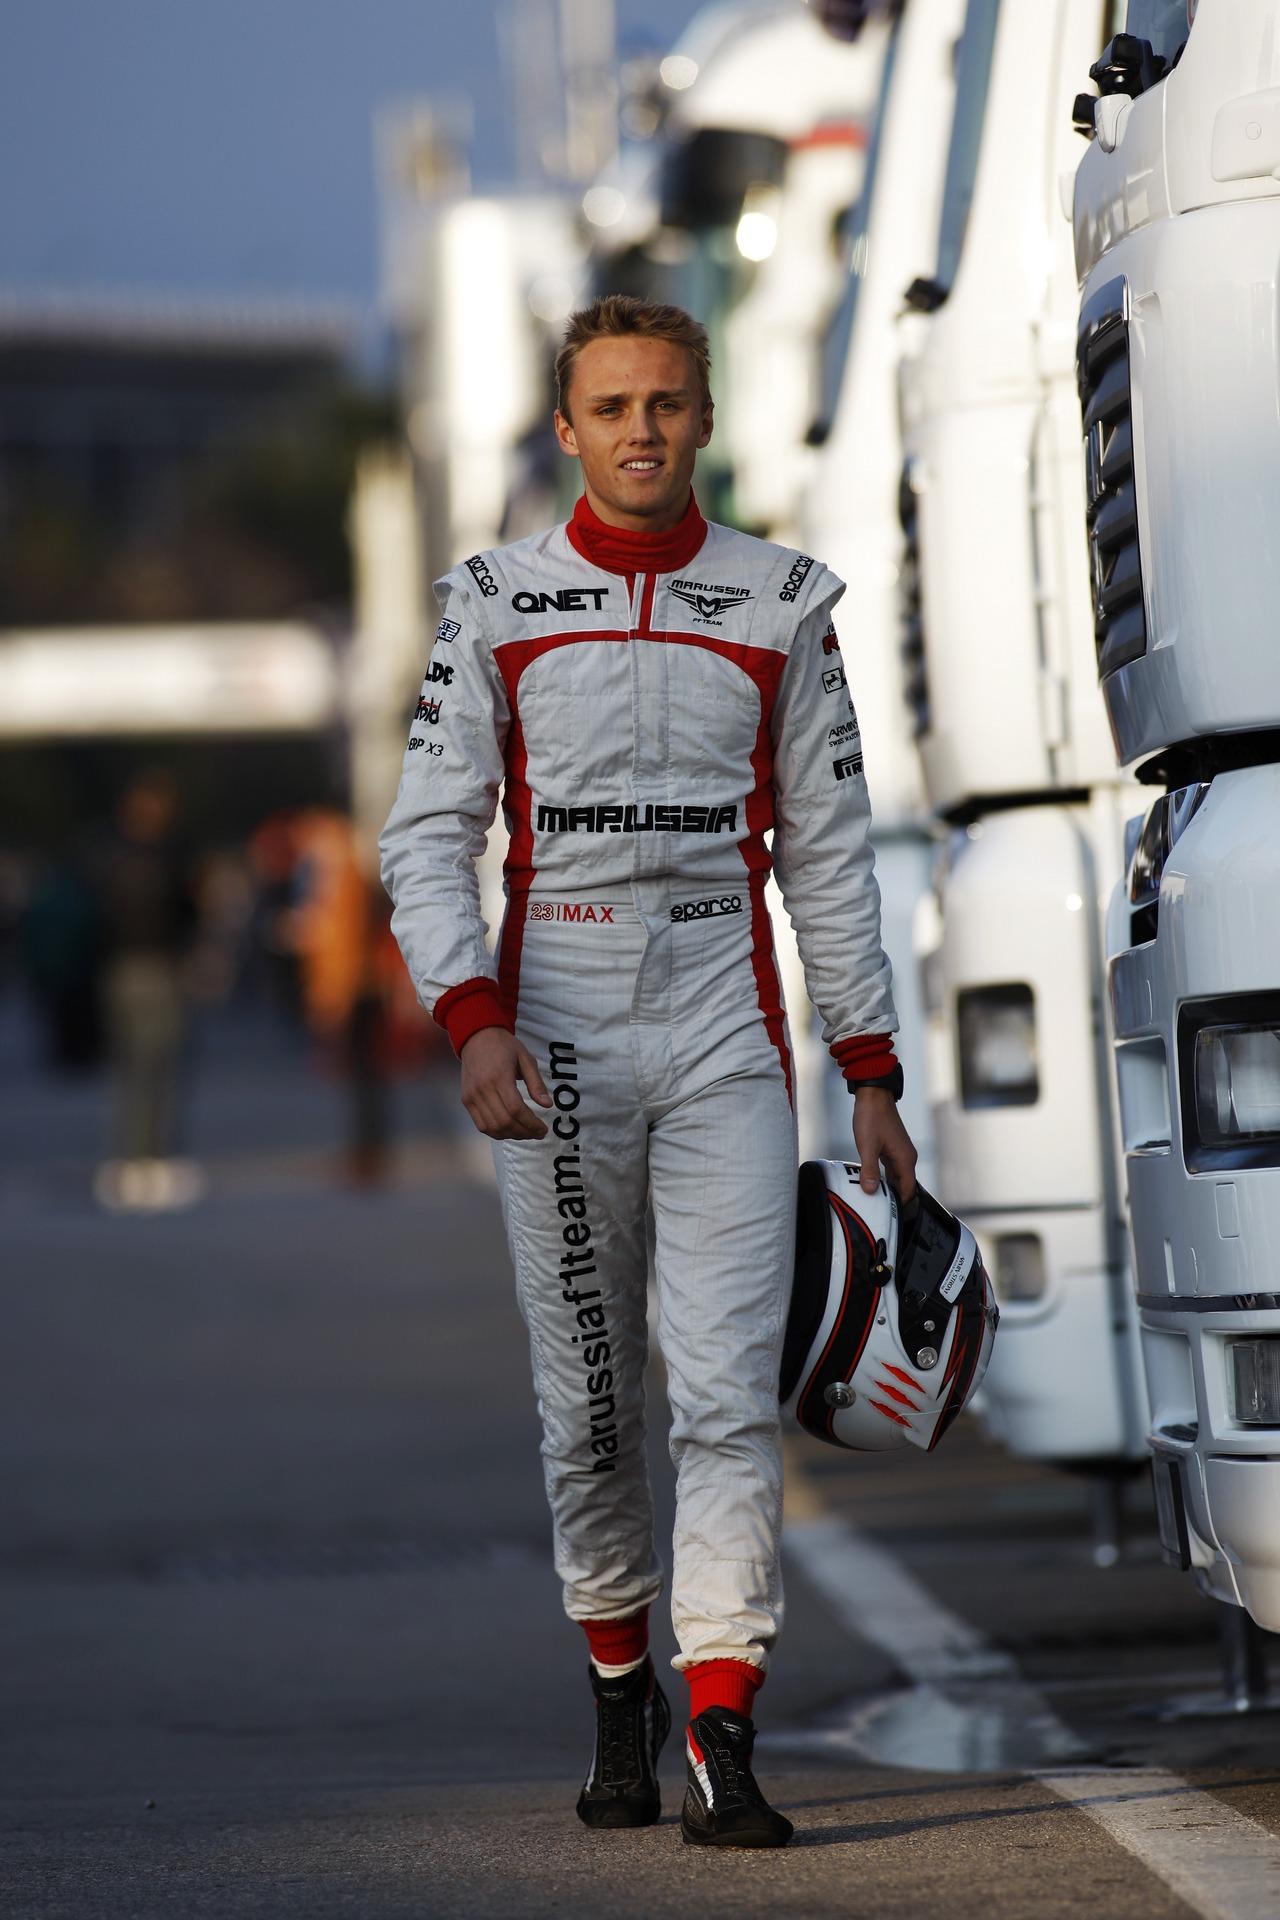 Max Chilton (GBR) Marussia F1 Team.